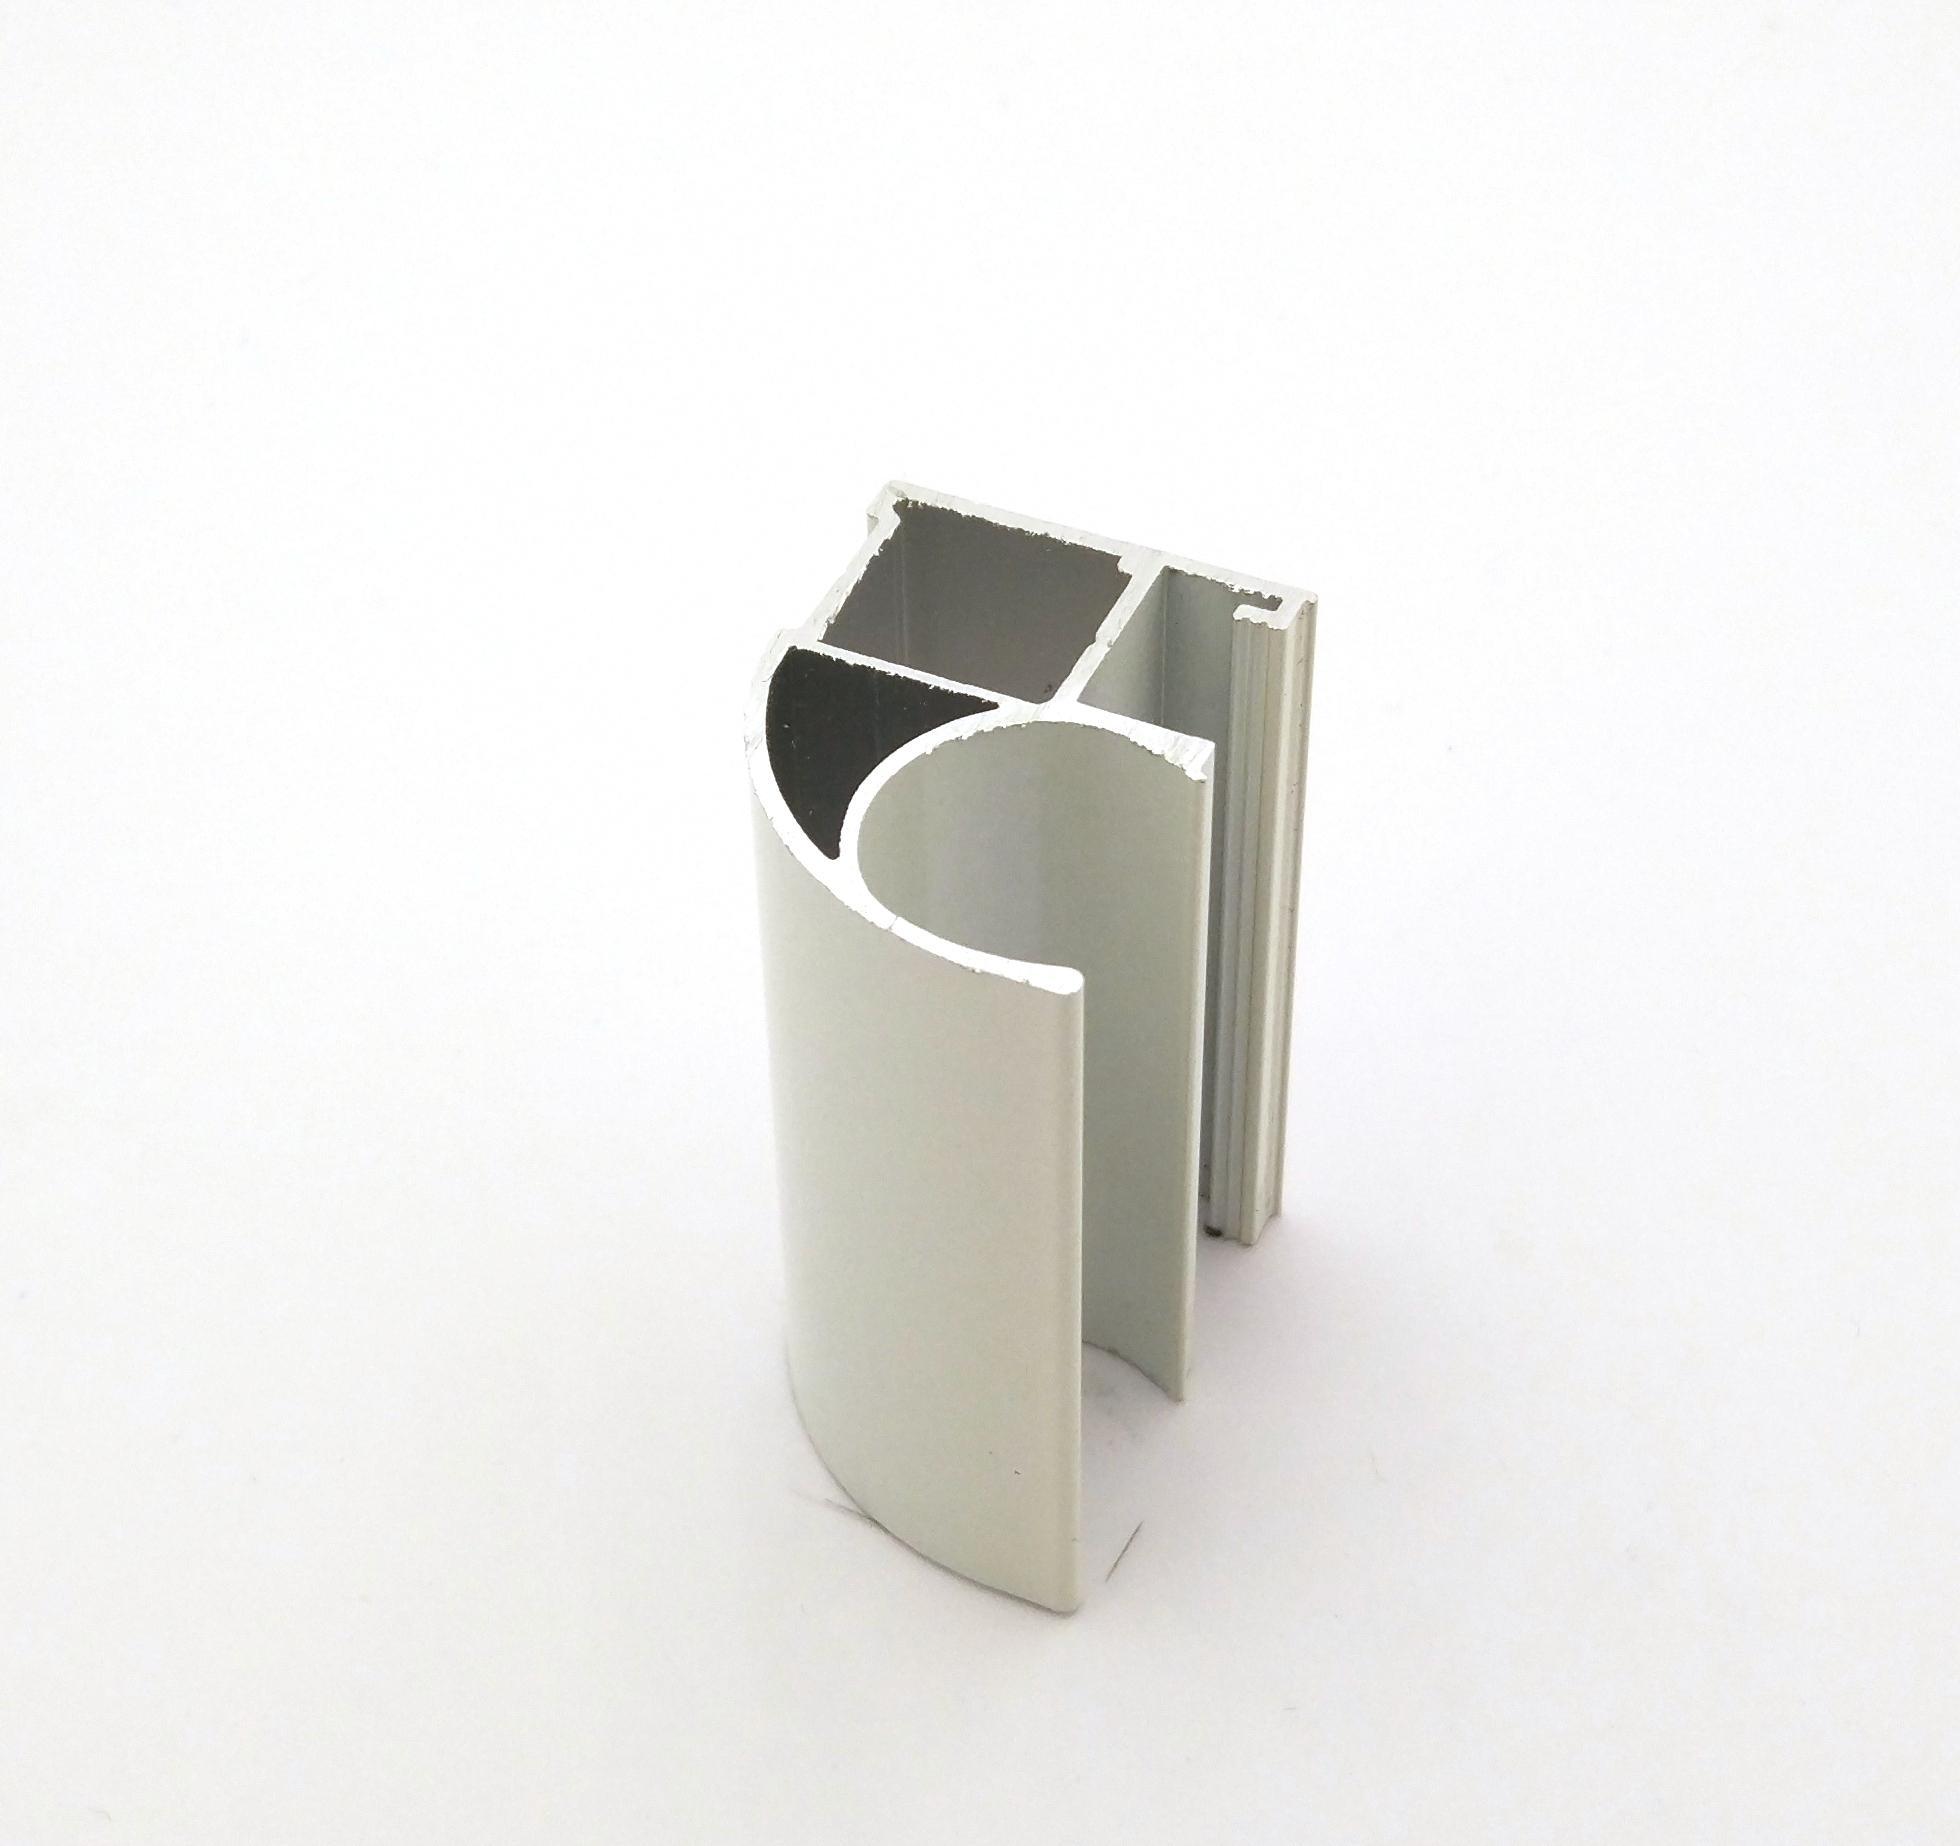 АФ Профиль вертикальный открытый MEDIUM, жемчуг, 5400мм